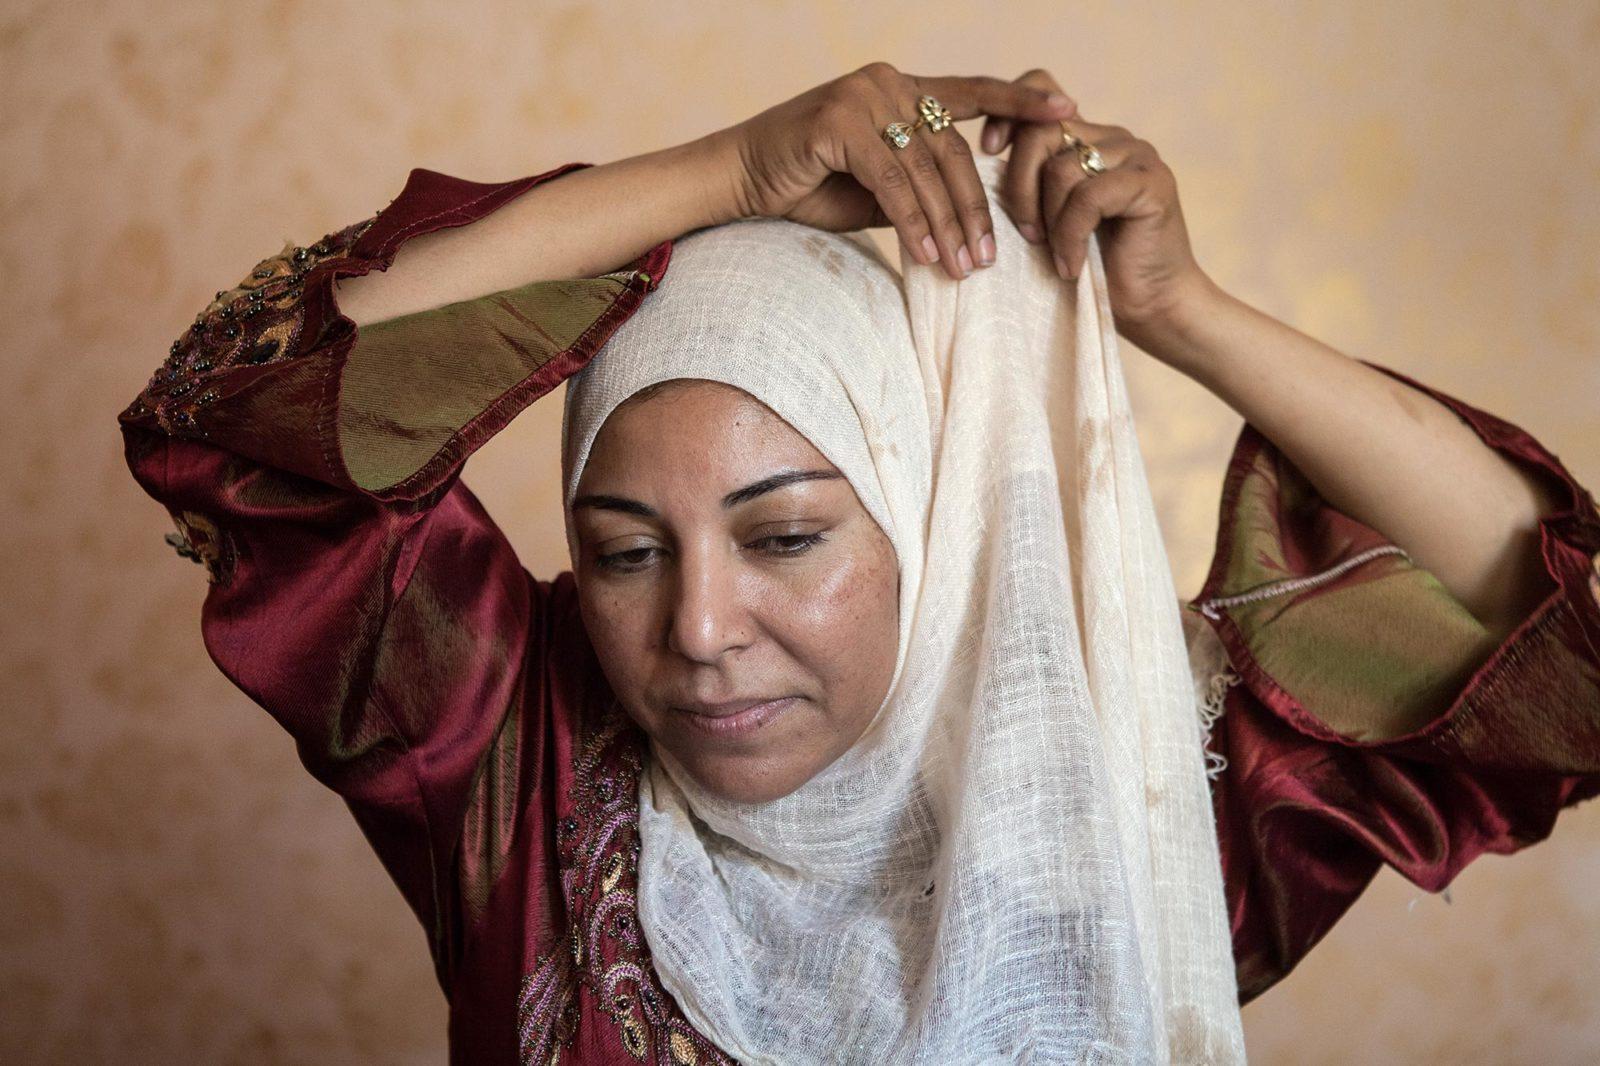 Sayeda - Frauen in Ägypten | Fotografien von Amélie Losier